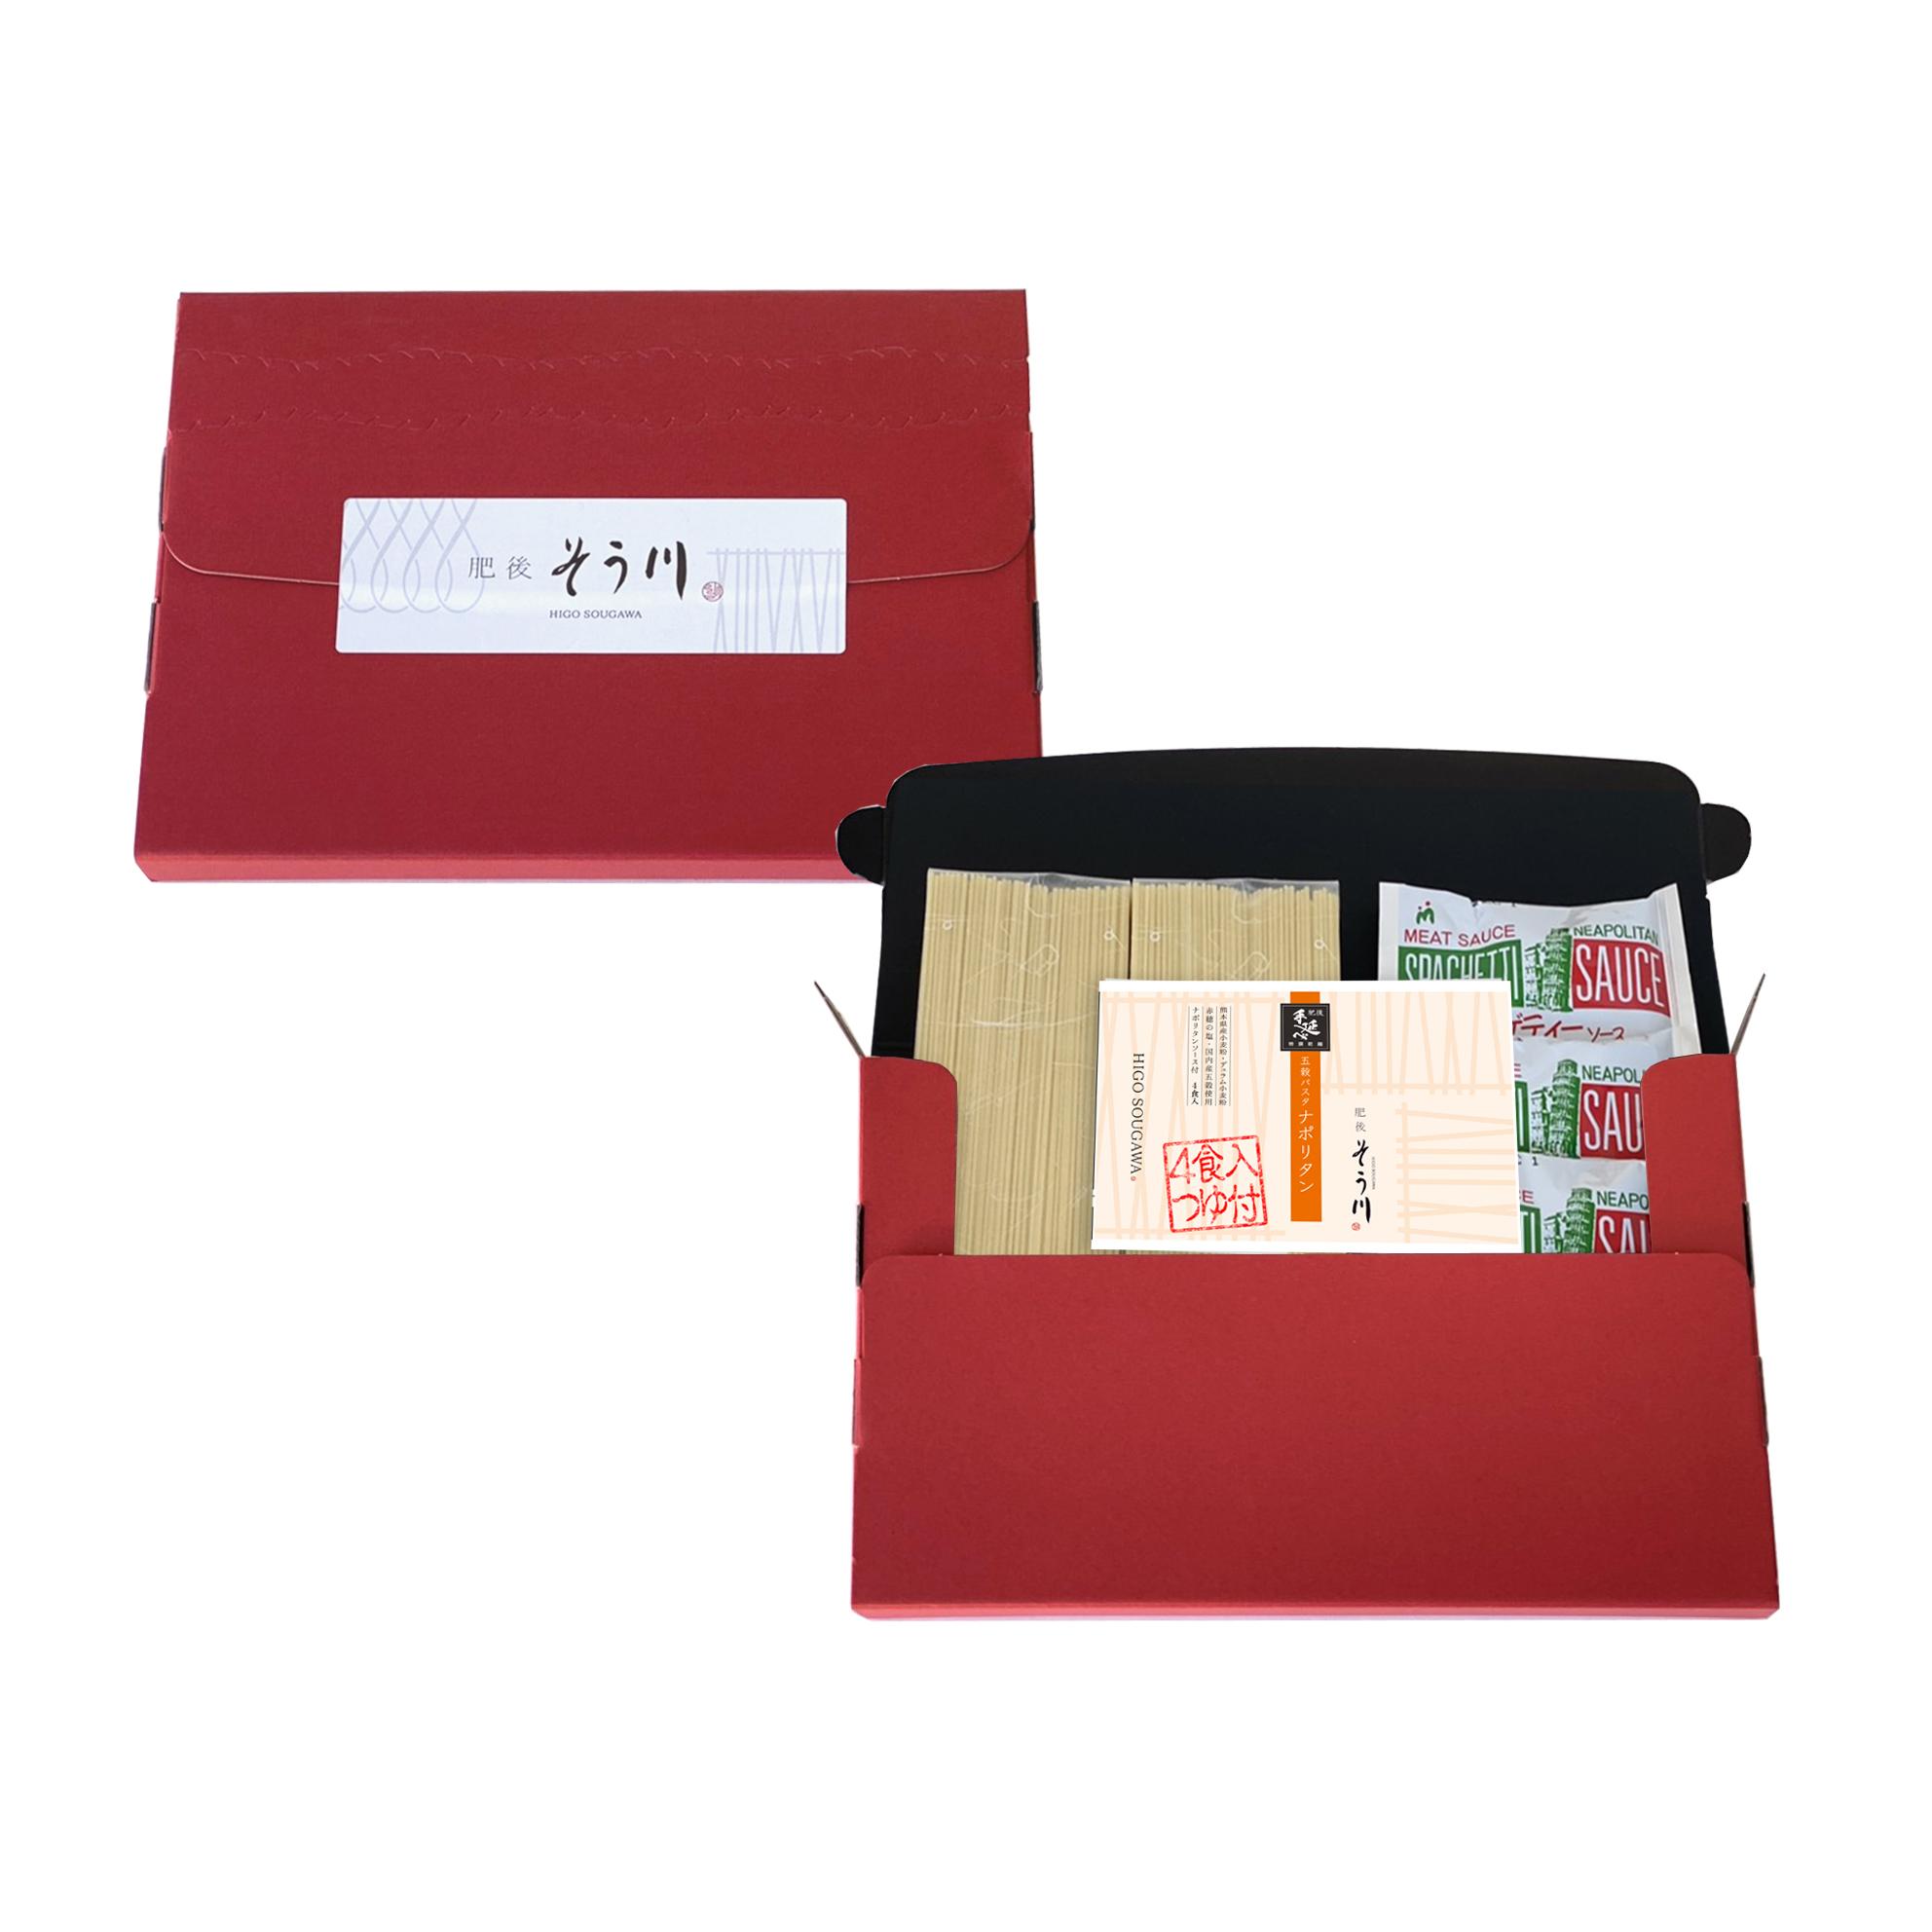 徳用五穀パスタナポリタン(ソース付/4食入)の商品イメージ